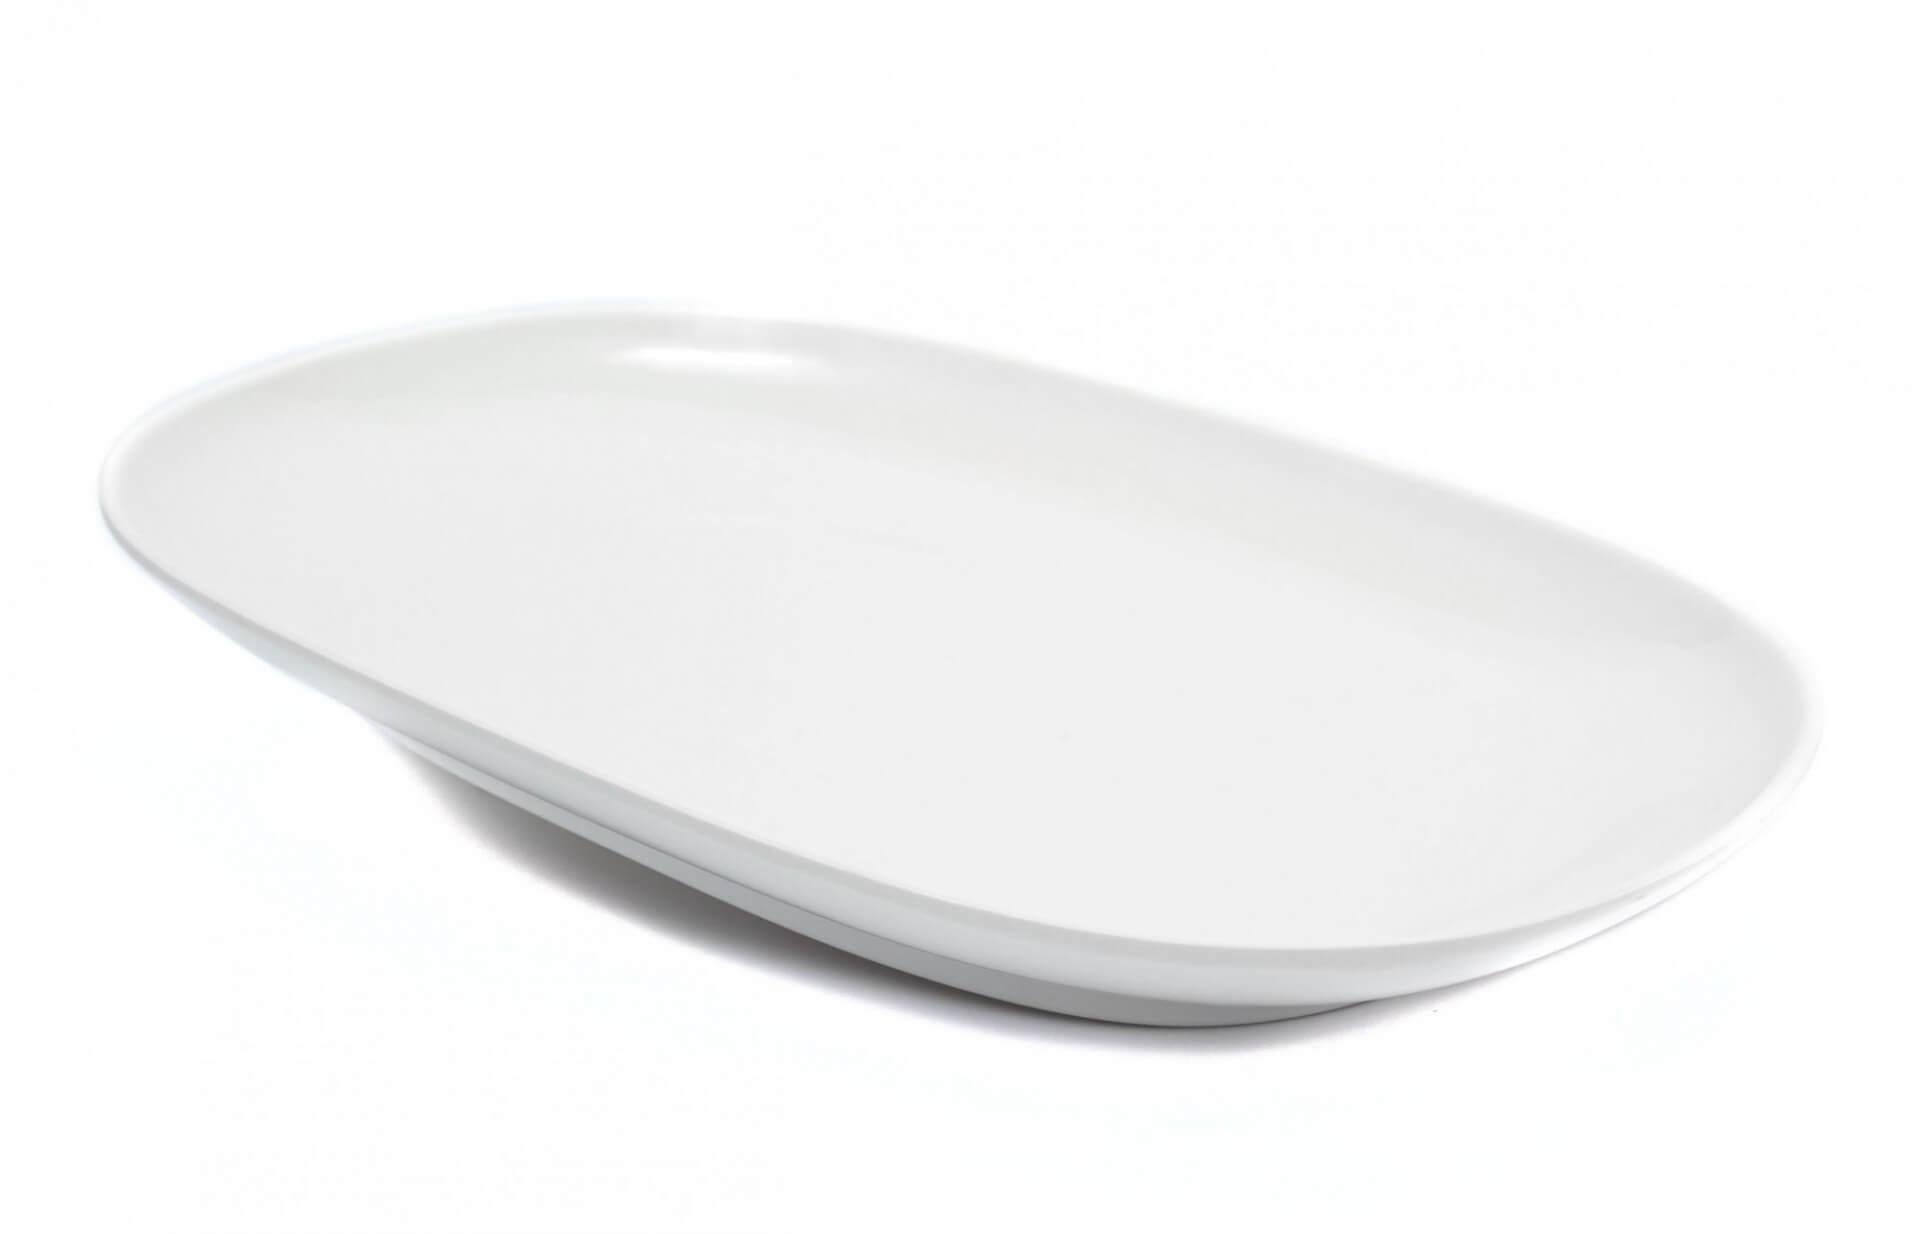 Купить блюдо овальное из меламина от компании Нормак, которое не бьется в стандартных условиях заведений HoReCa.